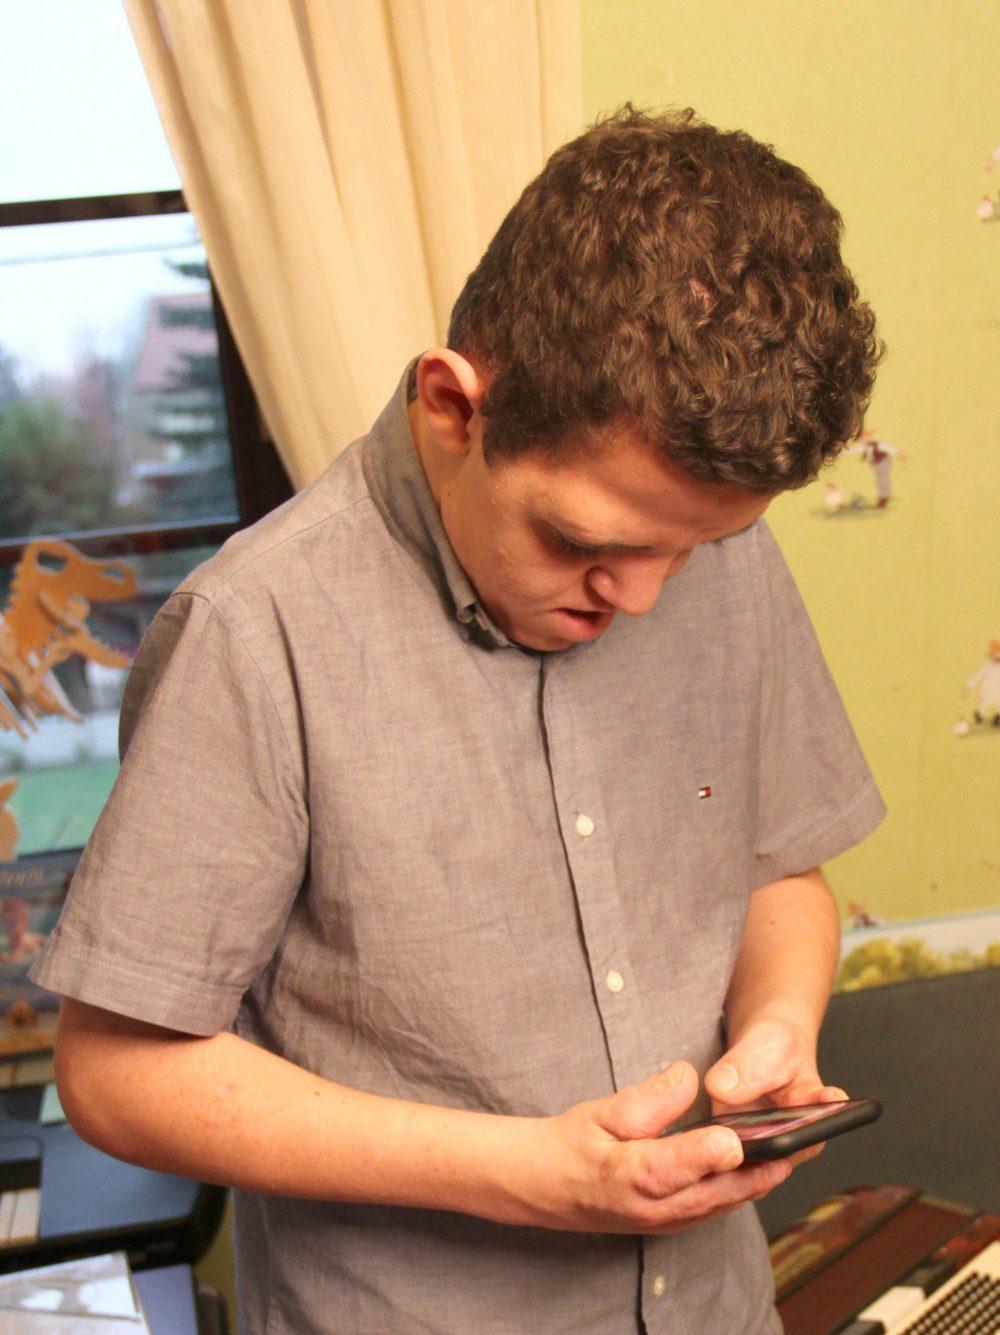 Jugendlicher tippt am Handy